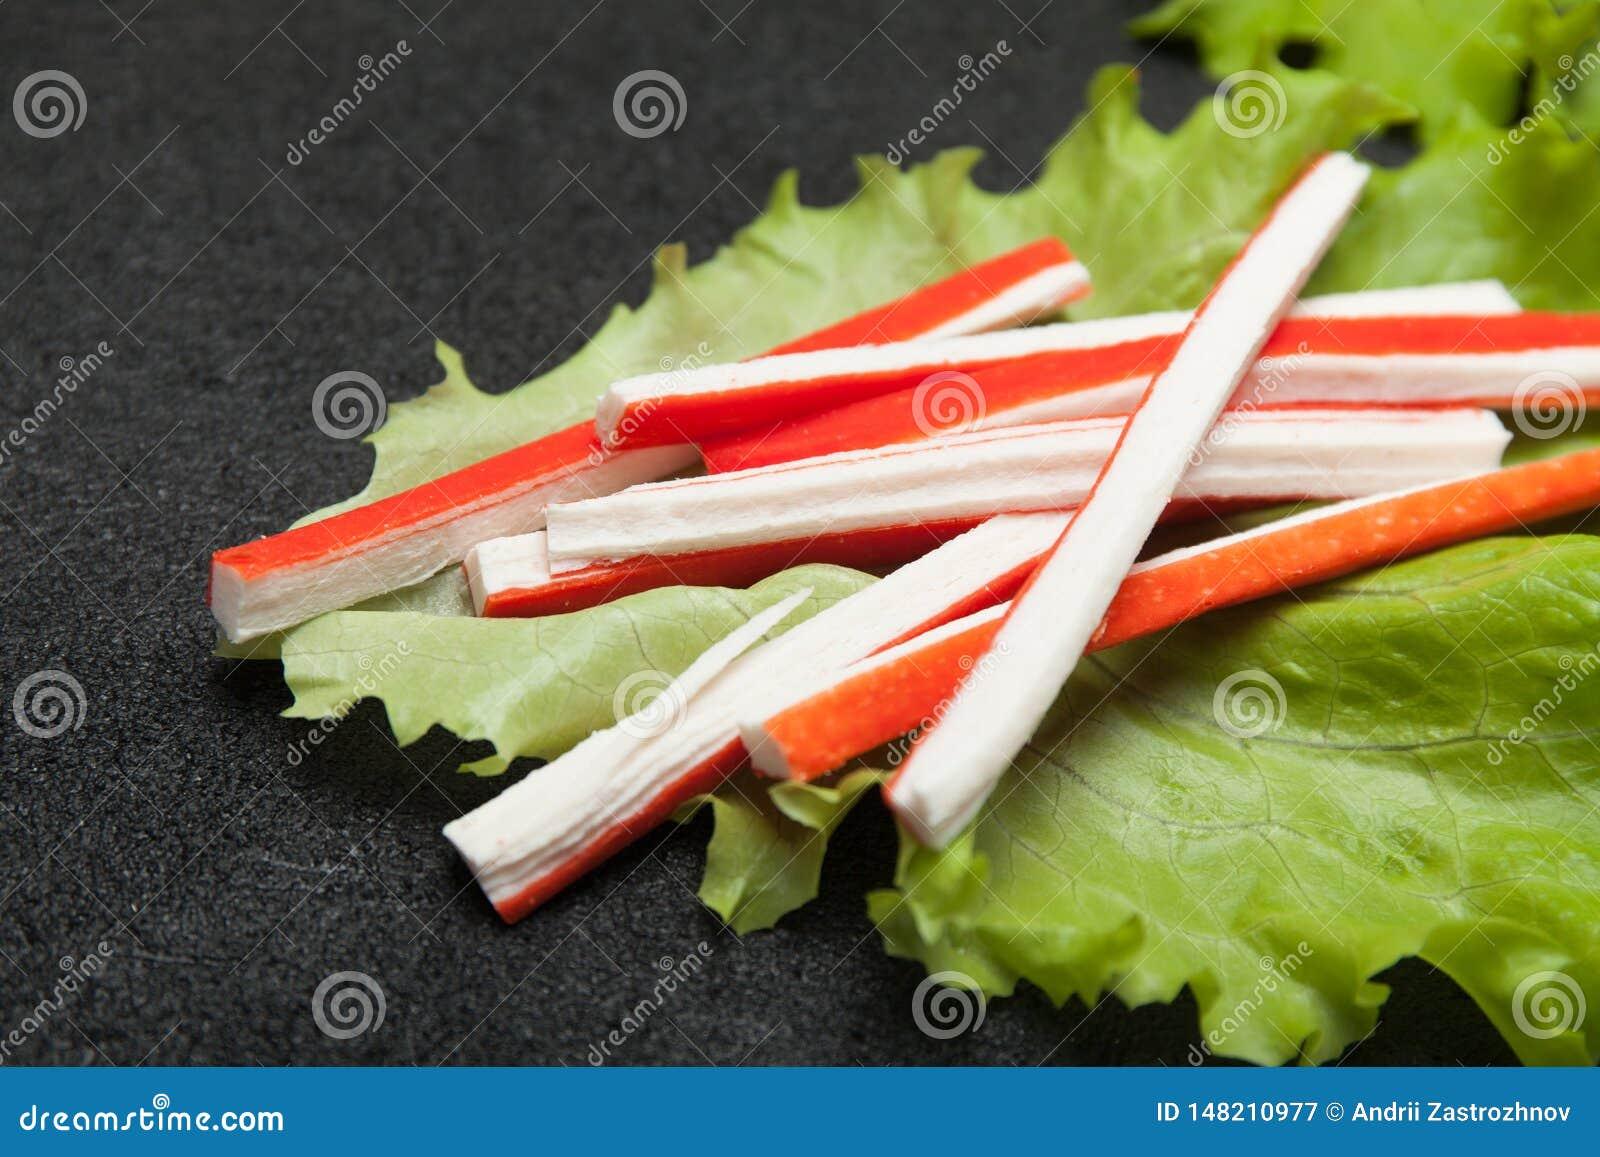 亚洲surimi开胃菜食物 从鱼卵蛋白的仿制螃蟹棍子